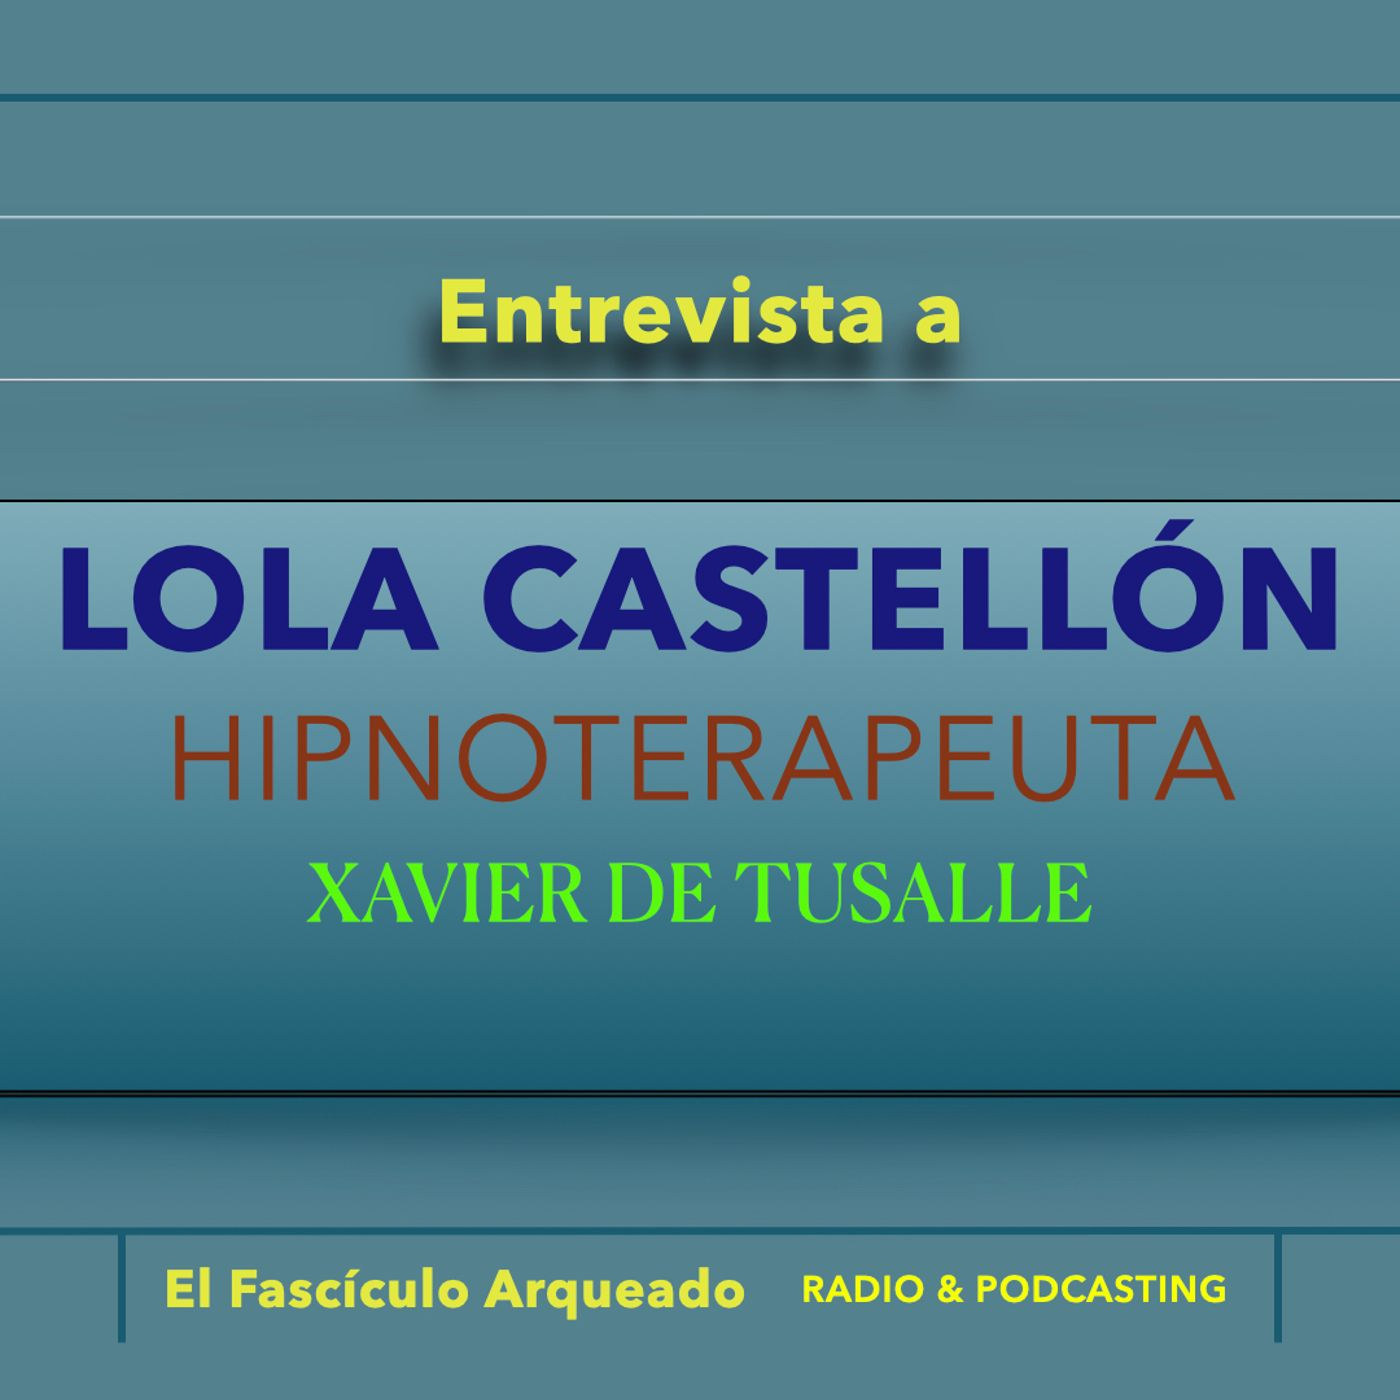 Entrevisto a Lola Castellón, especialista en hipnosis terapéutica